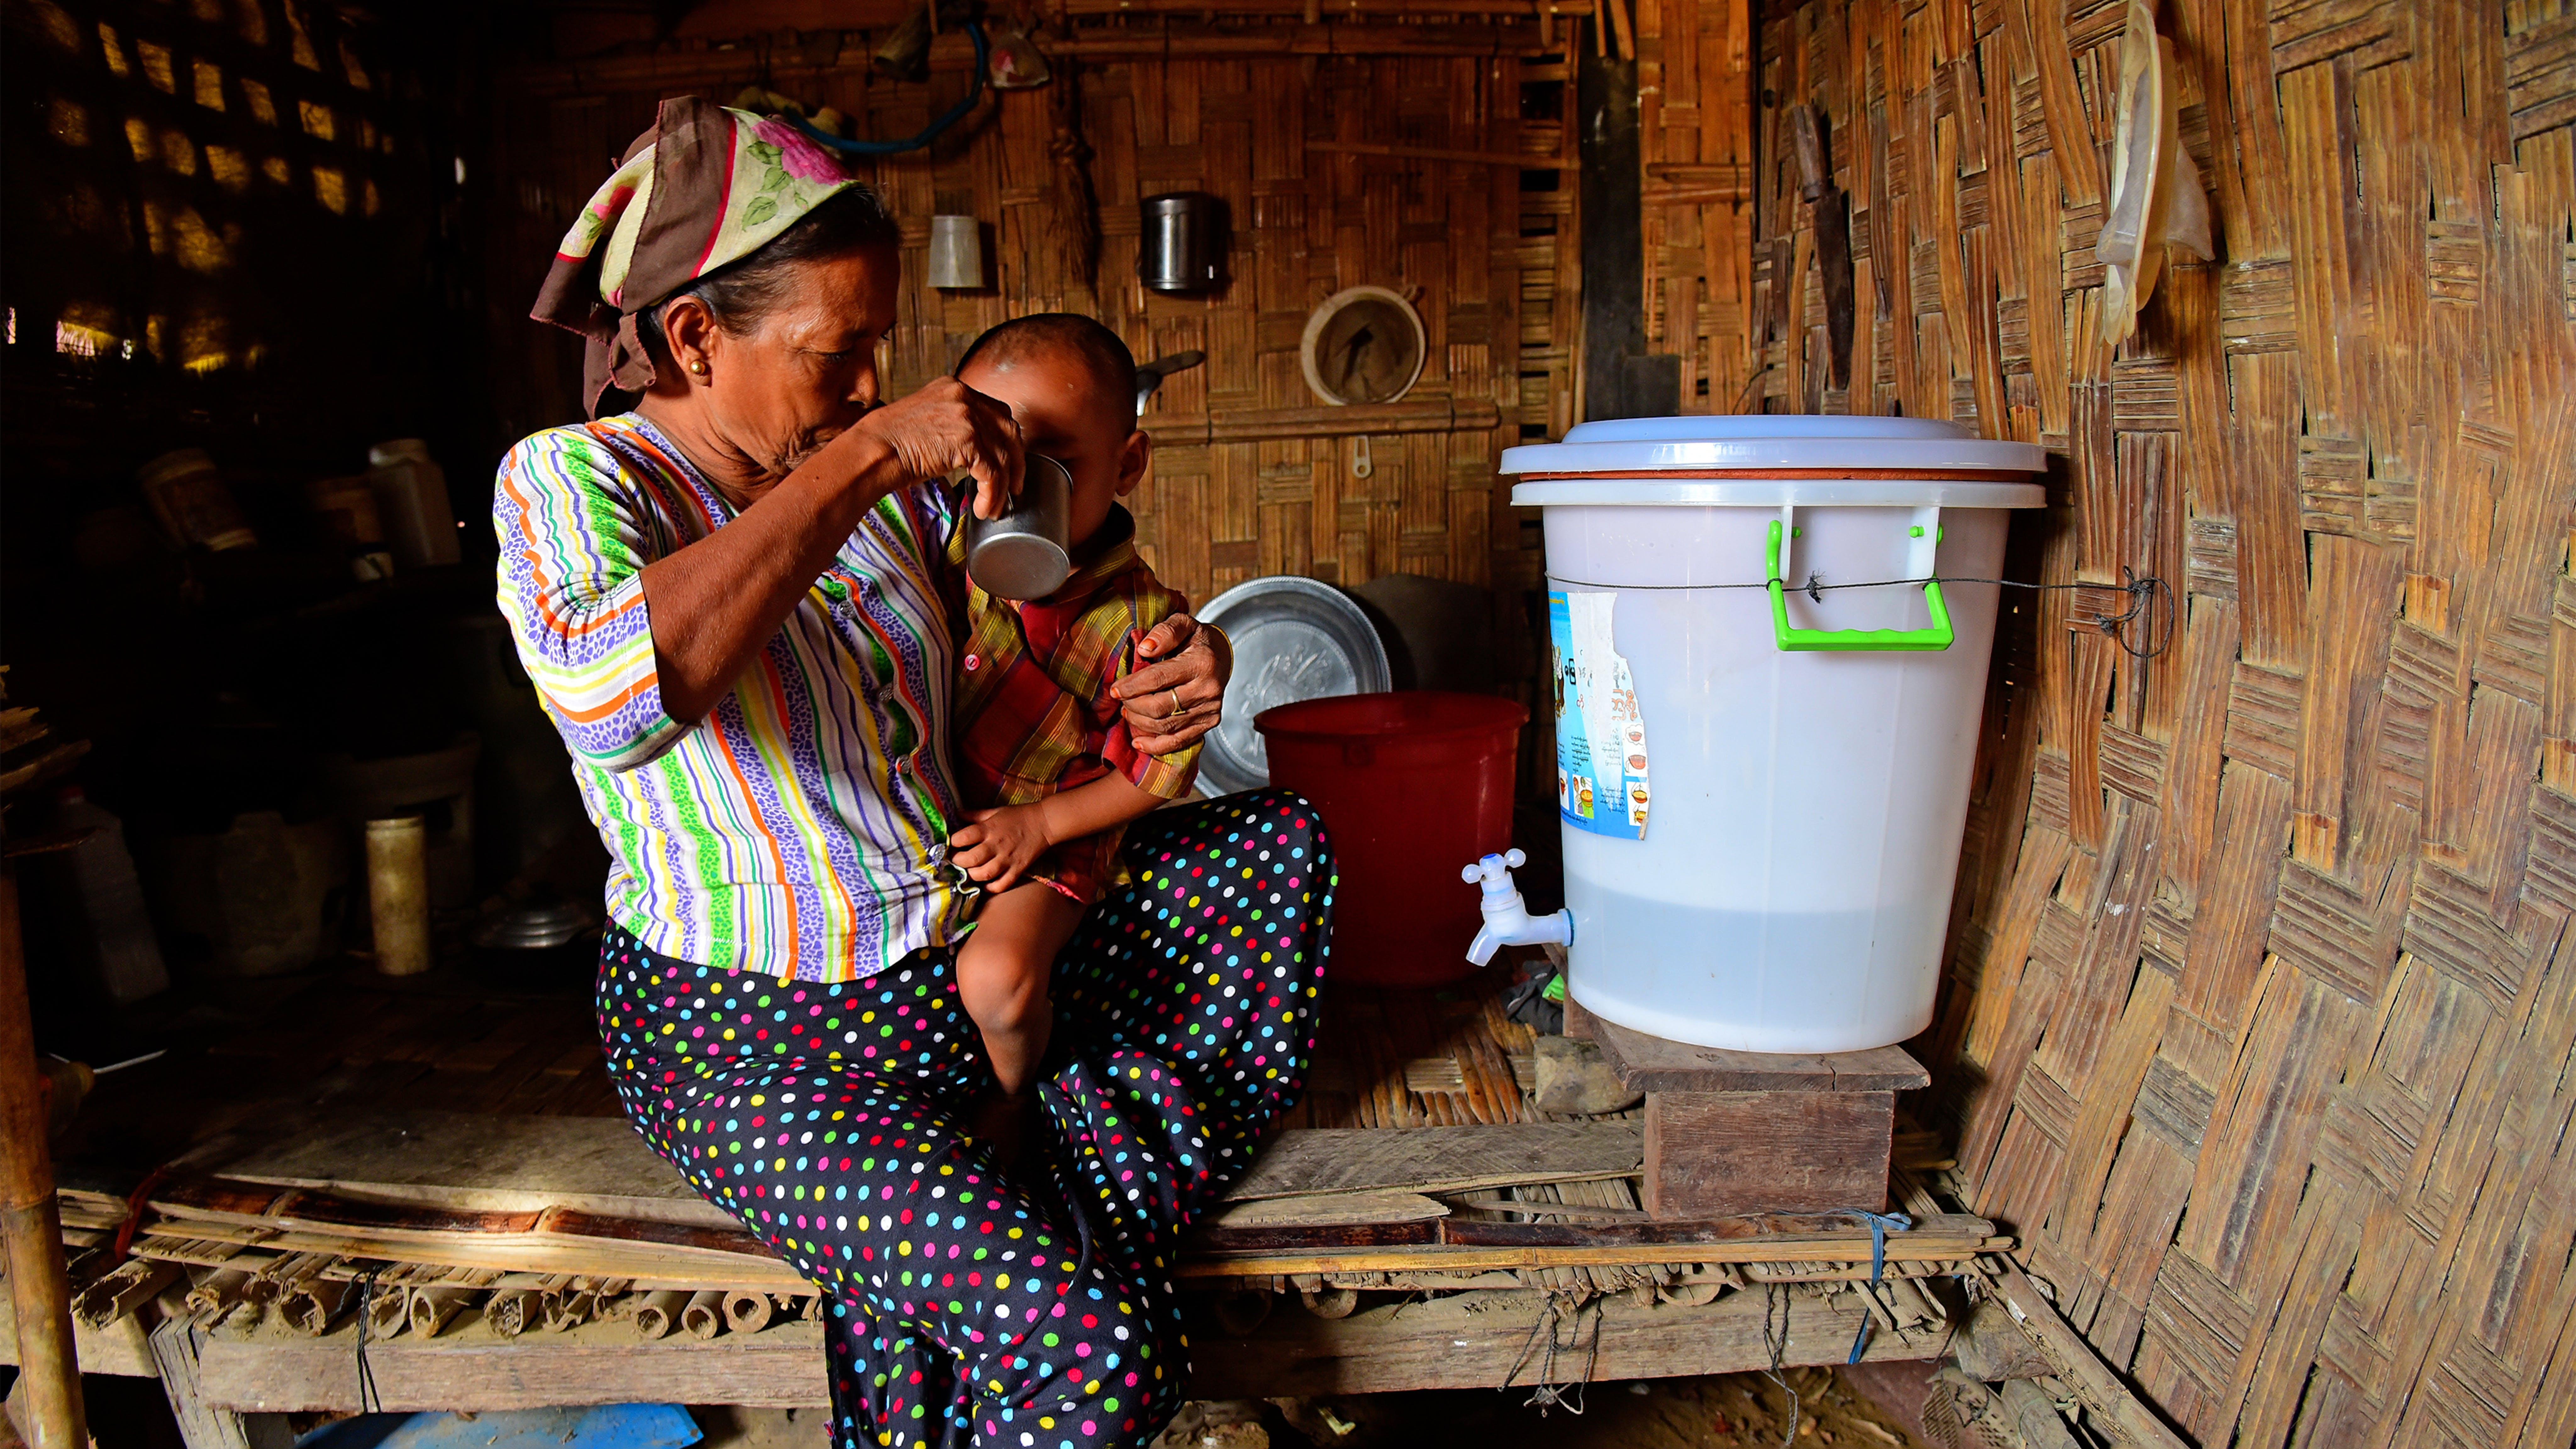 Myanmar, L'UNICEF ha fornito un kit igienico a  Daw Saw Saw che ora usa per immagazinare l'acqua che raccoglie vicino a casa sua.